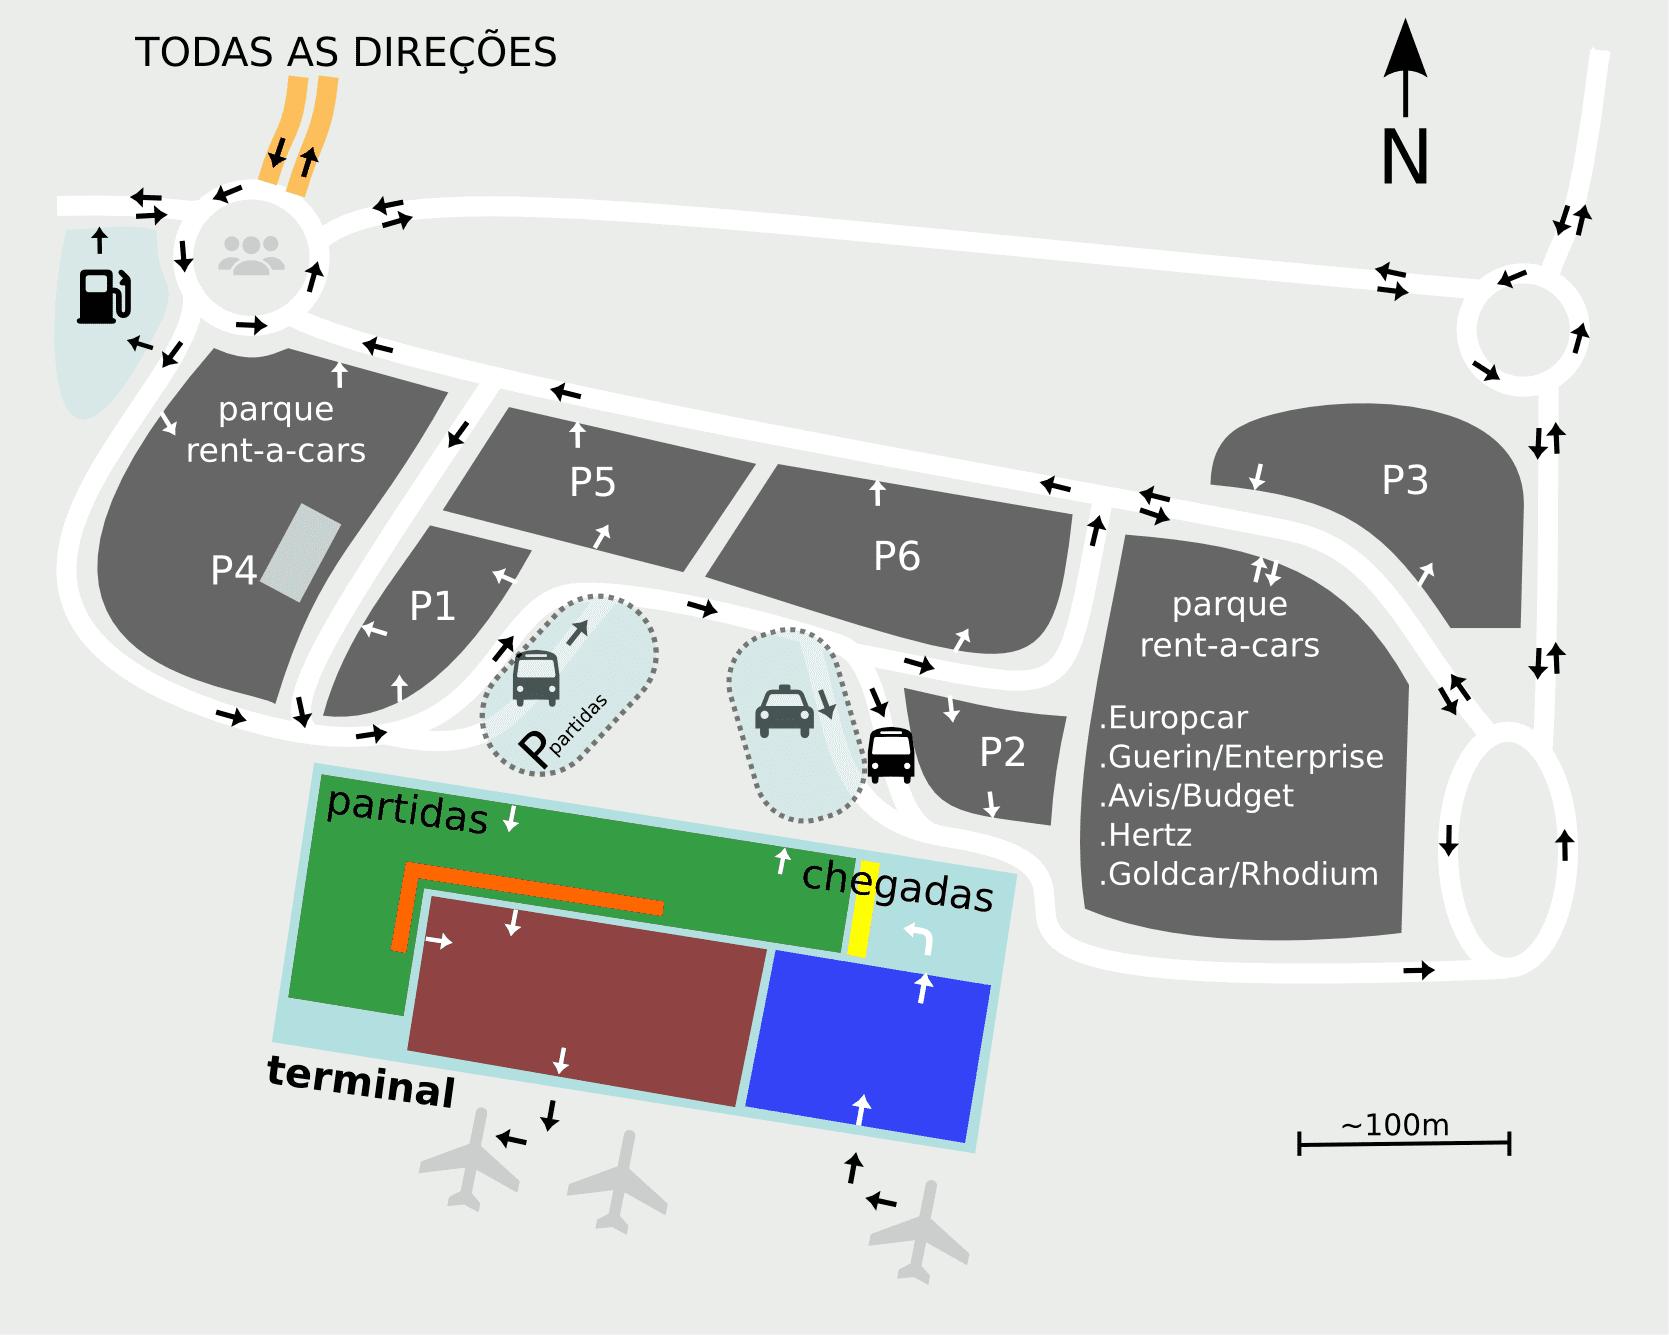 Estacionamento no Aeroporto de Faro